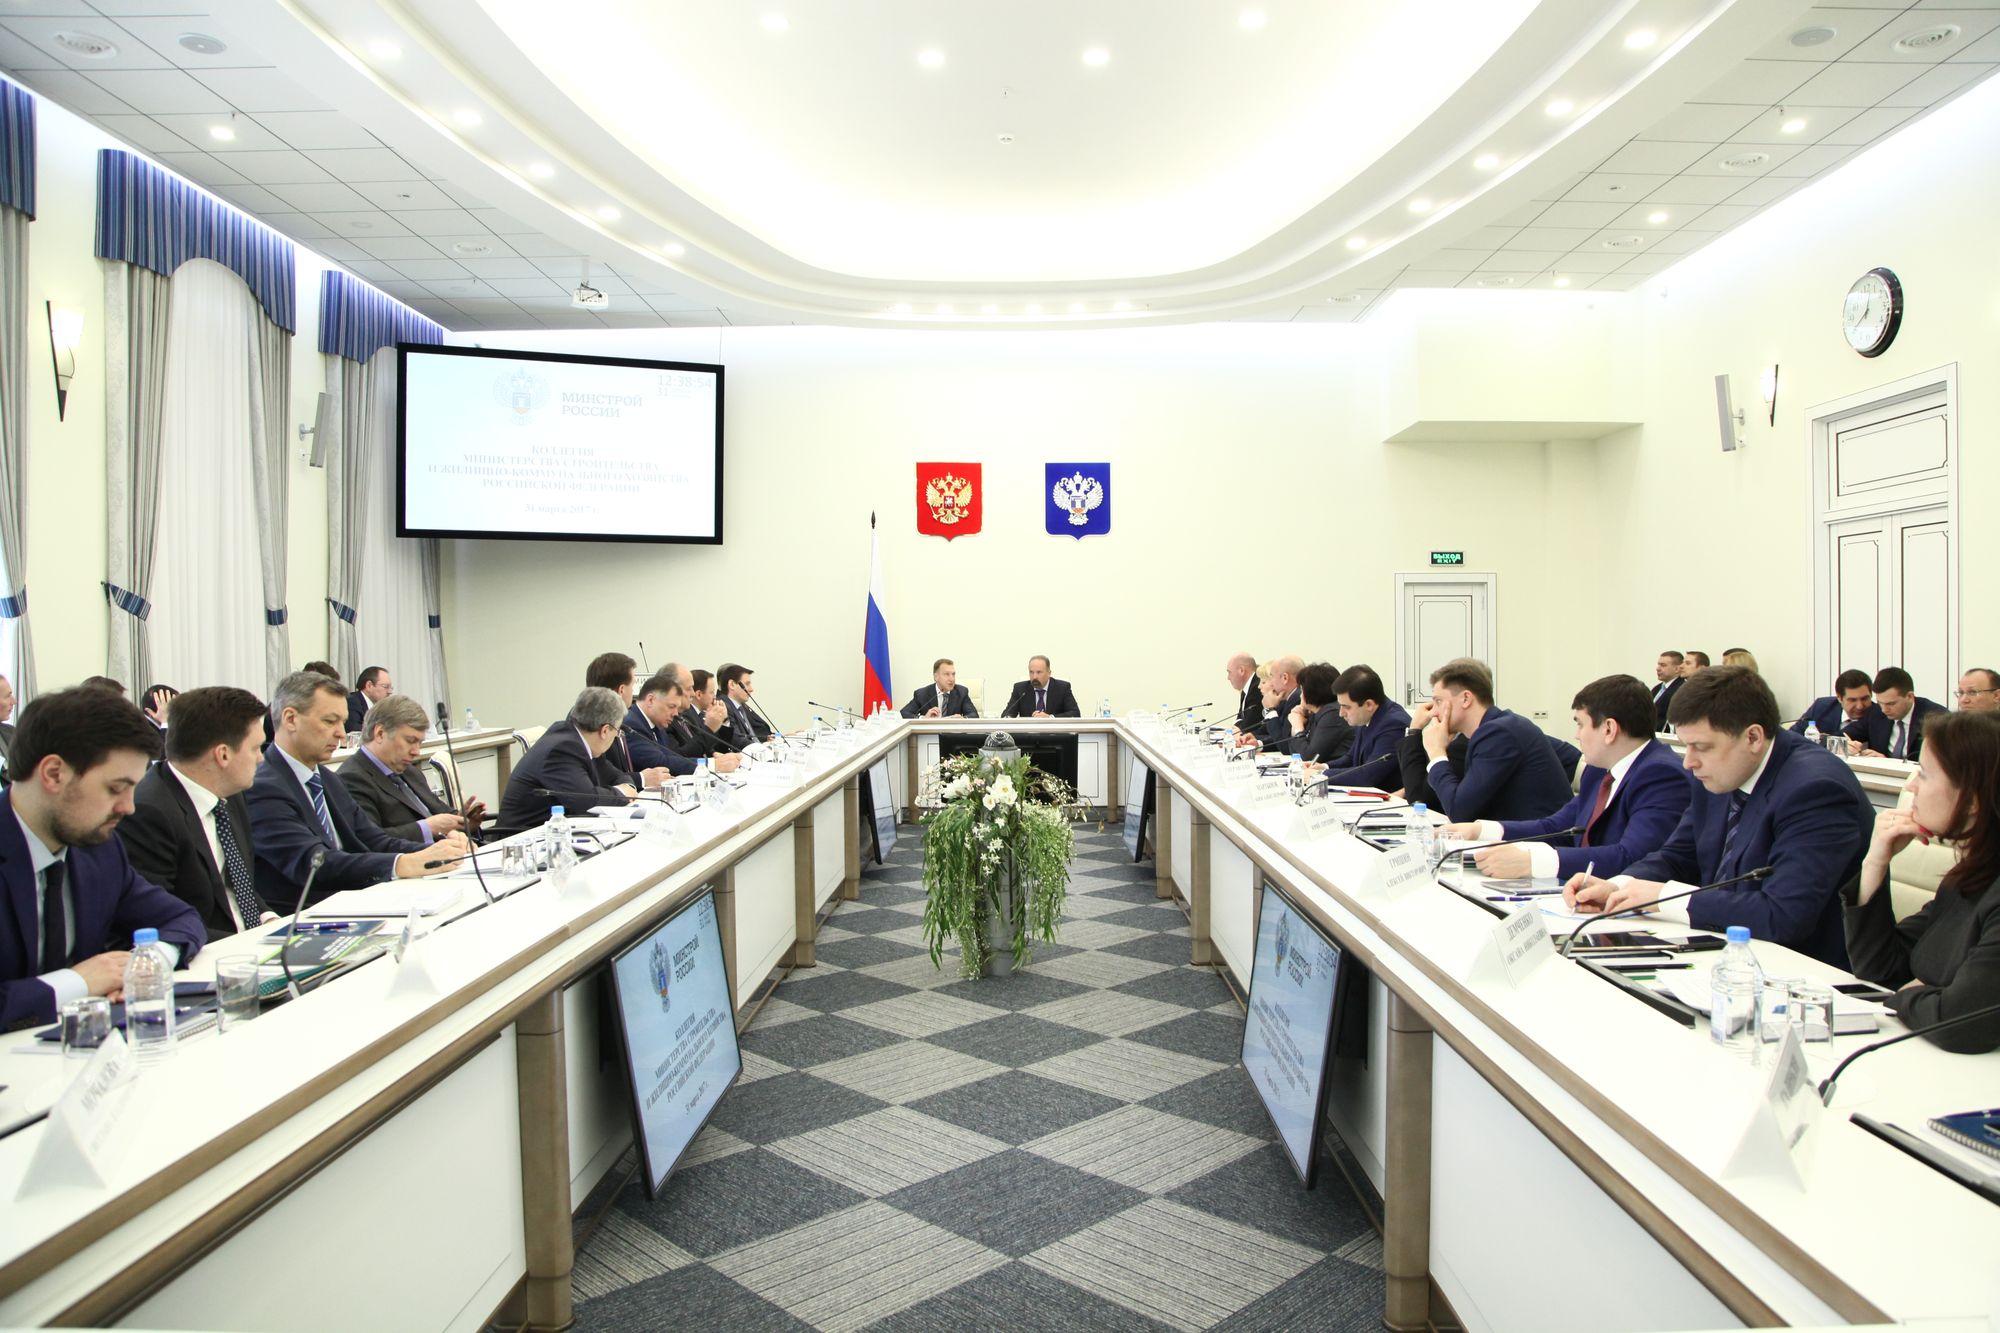 Кузбасская Госжилинспекция заняла 2-ое место вфедеральном рейтинге Минстроя